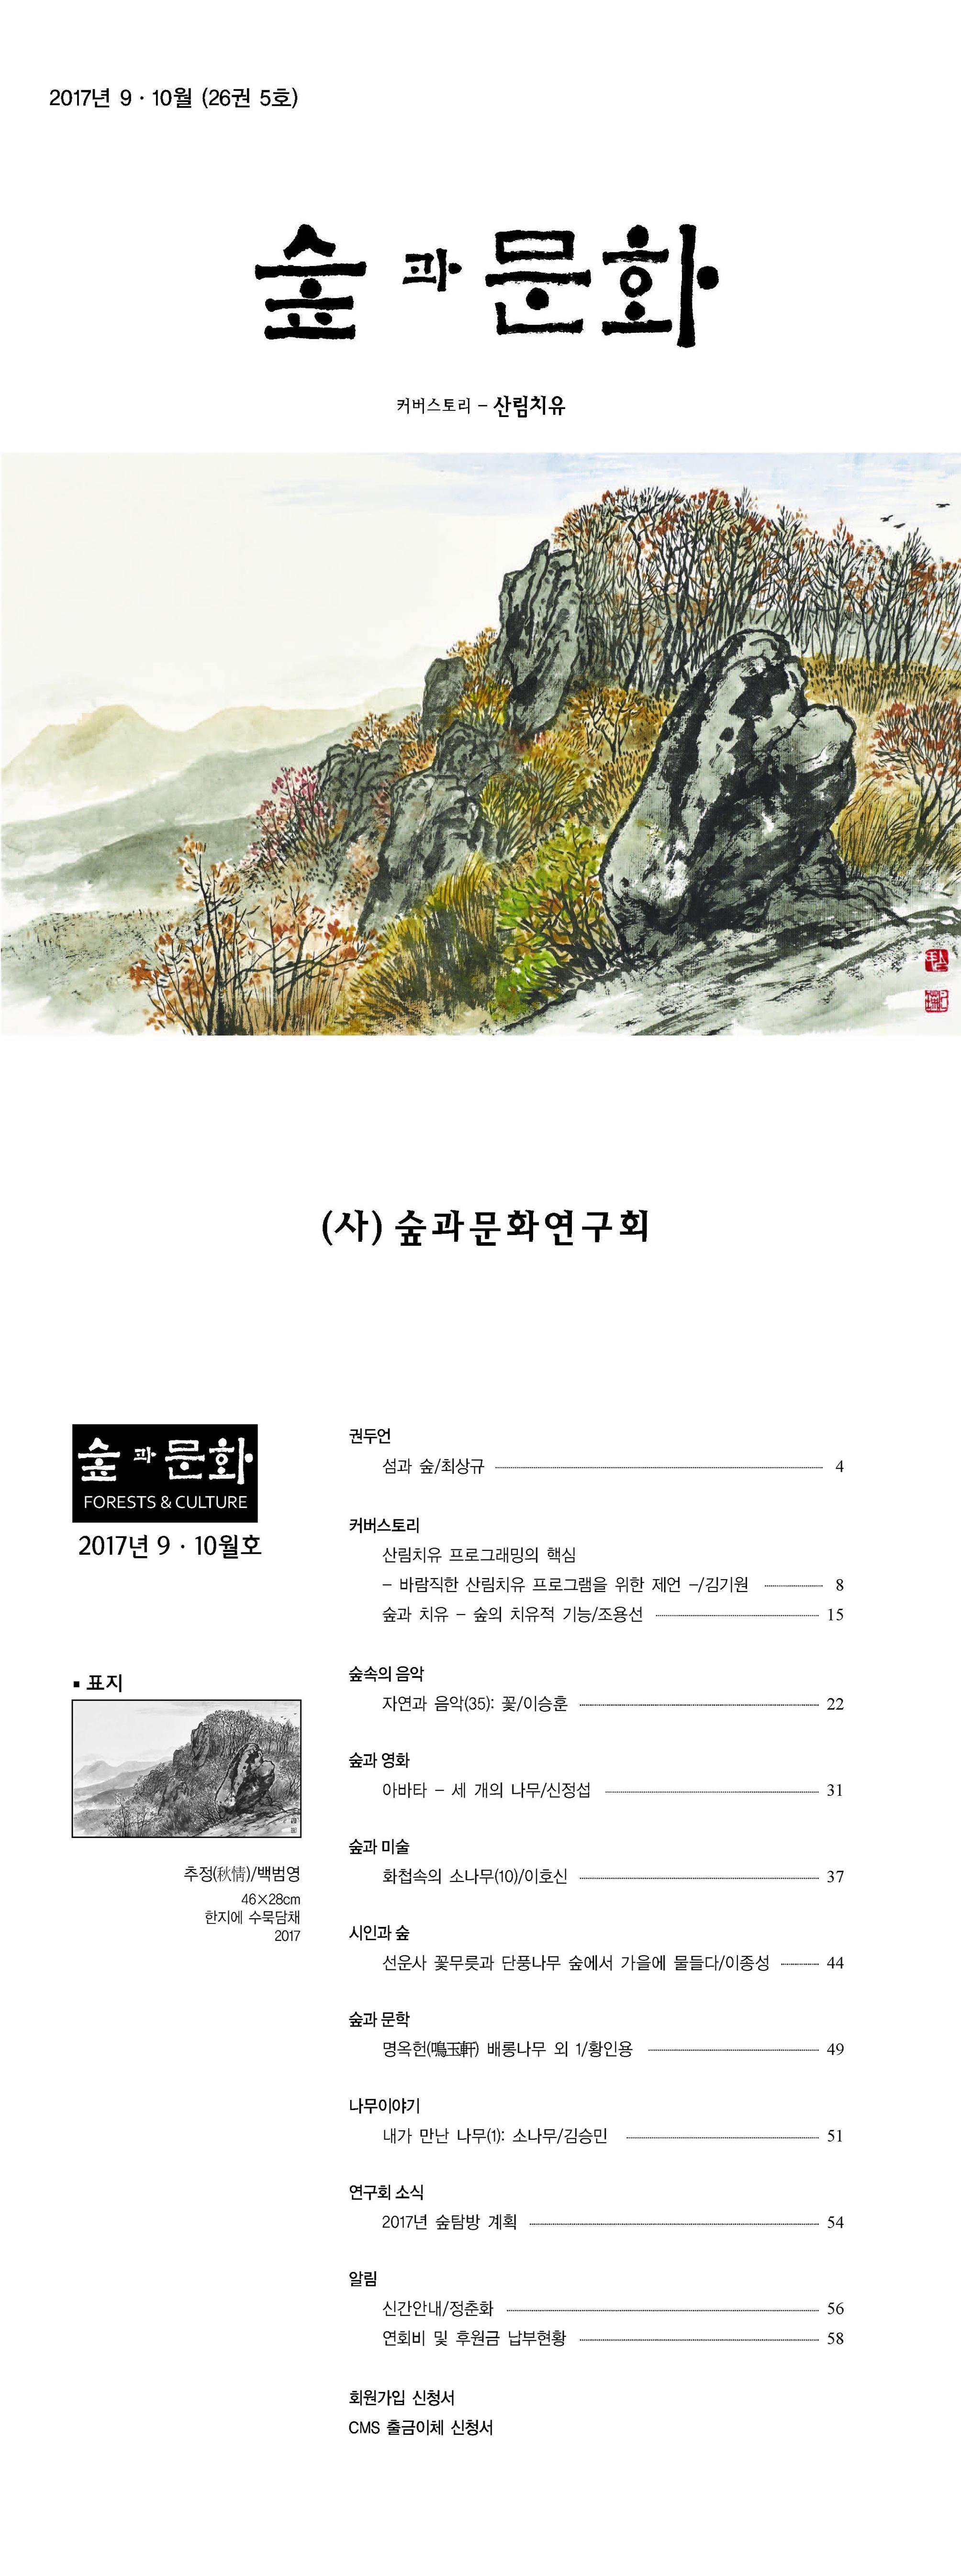 홈페이지26-5